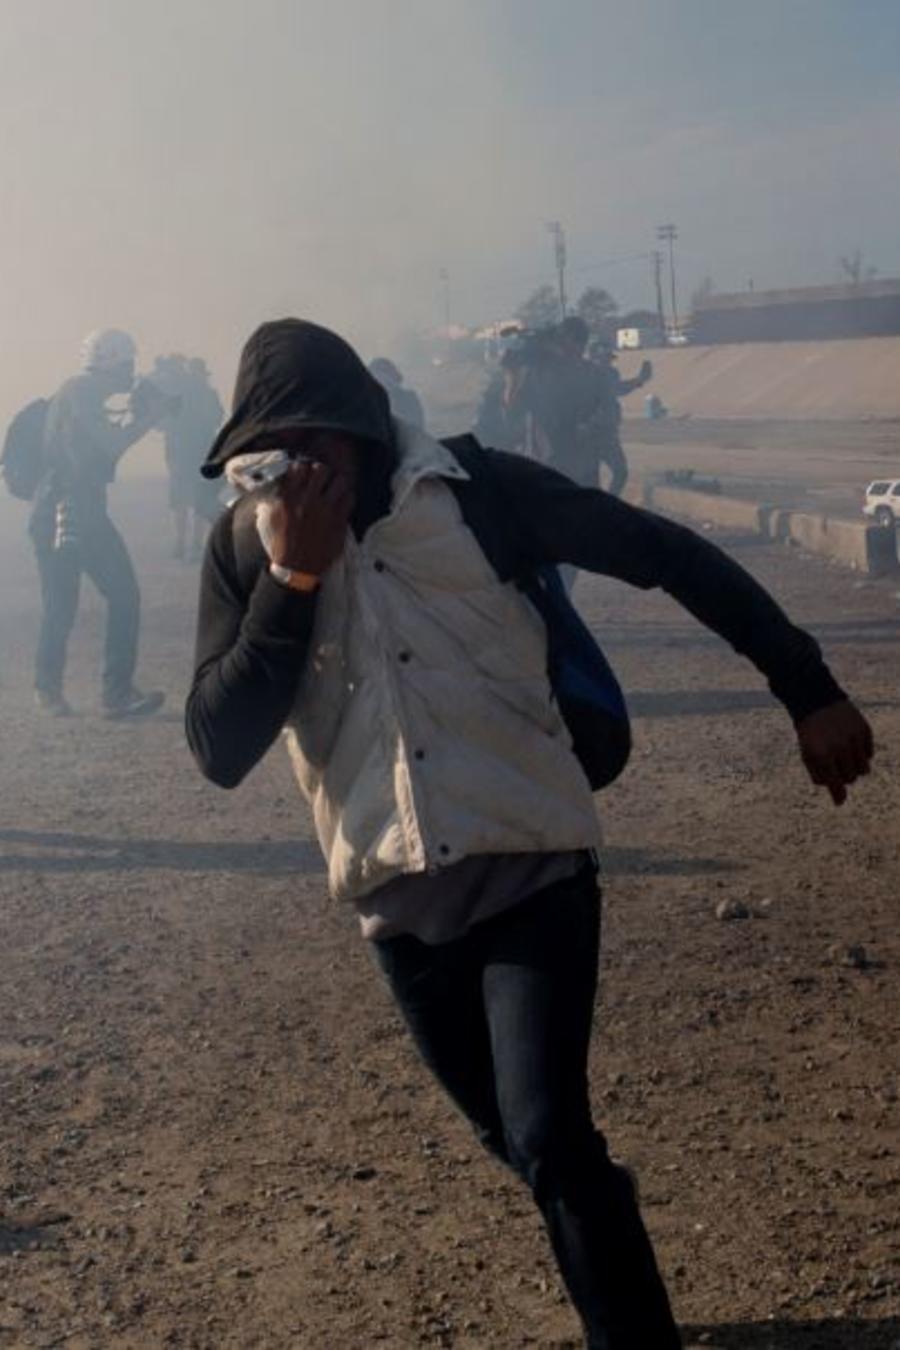 Migrantes huyen de los gases lacrimógenos lanzados por agentes de Estados Unidos en la frontera el domingo 25 de noviembre de 2018.